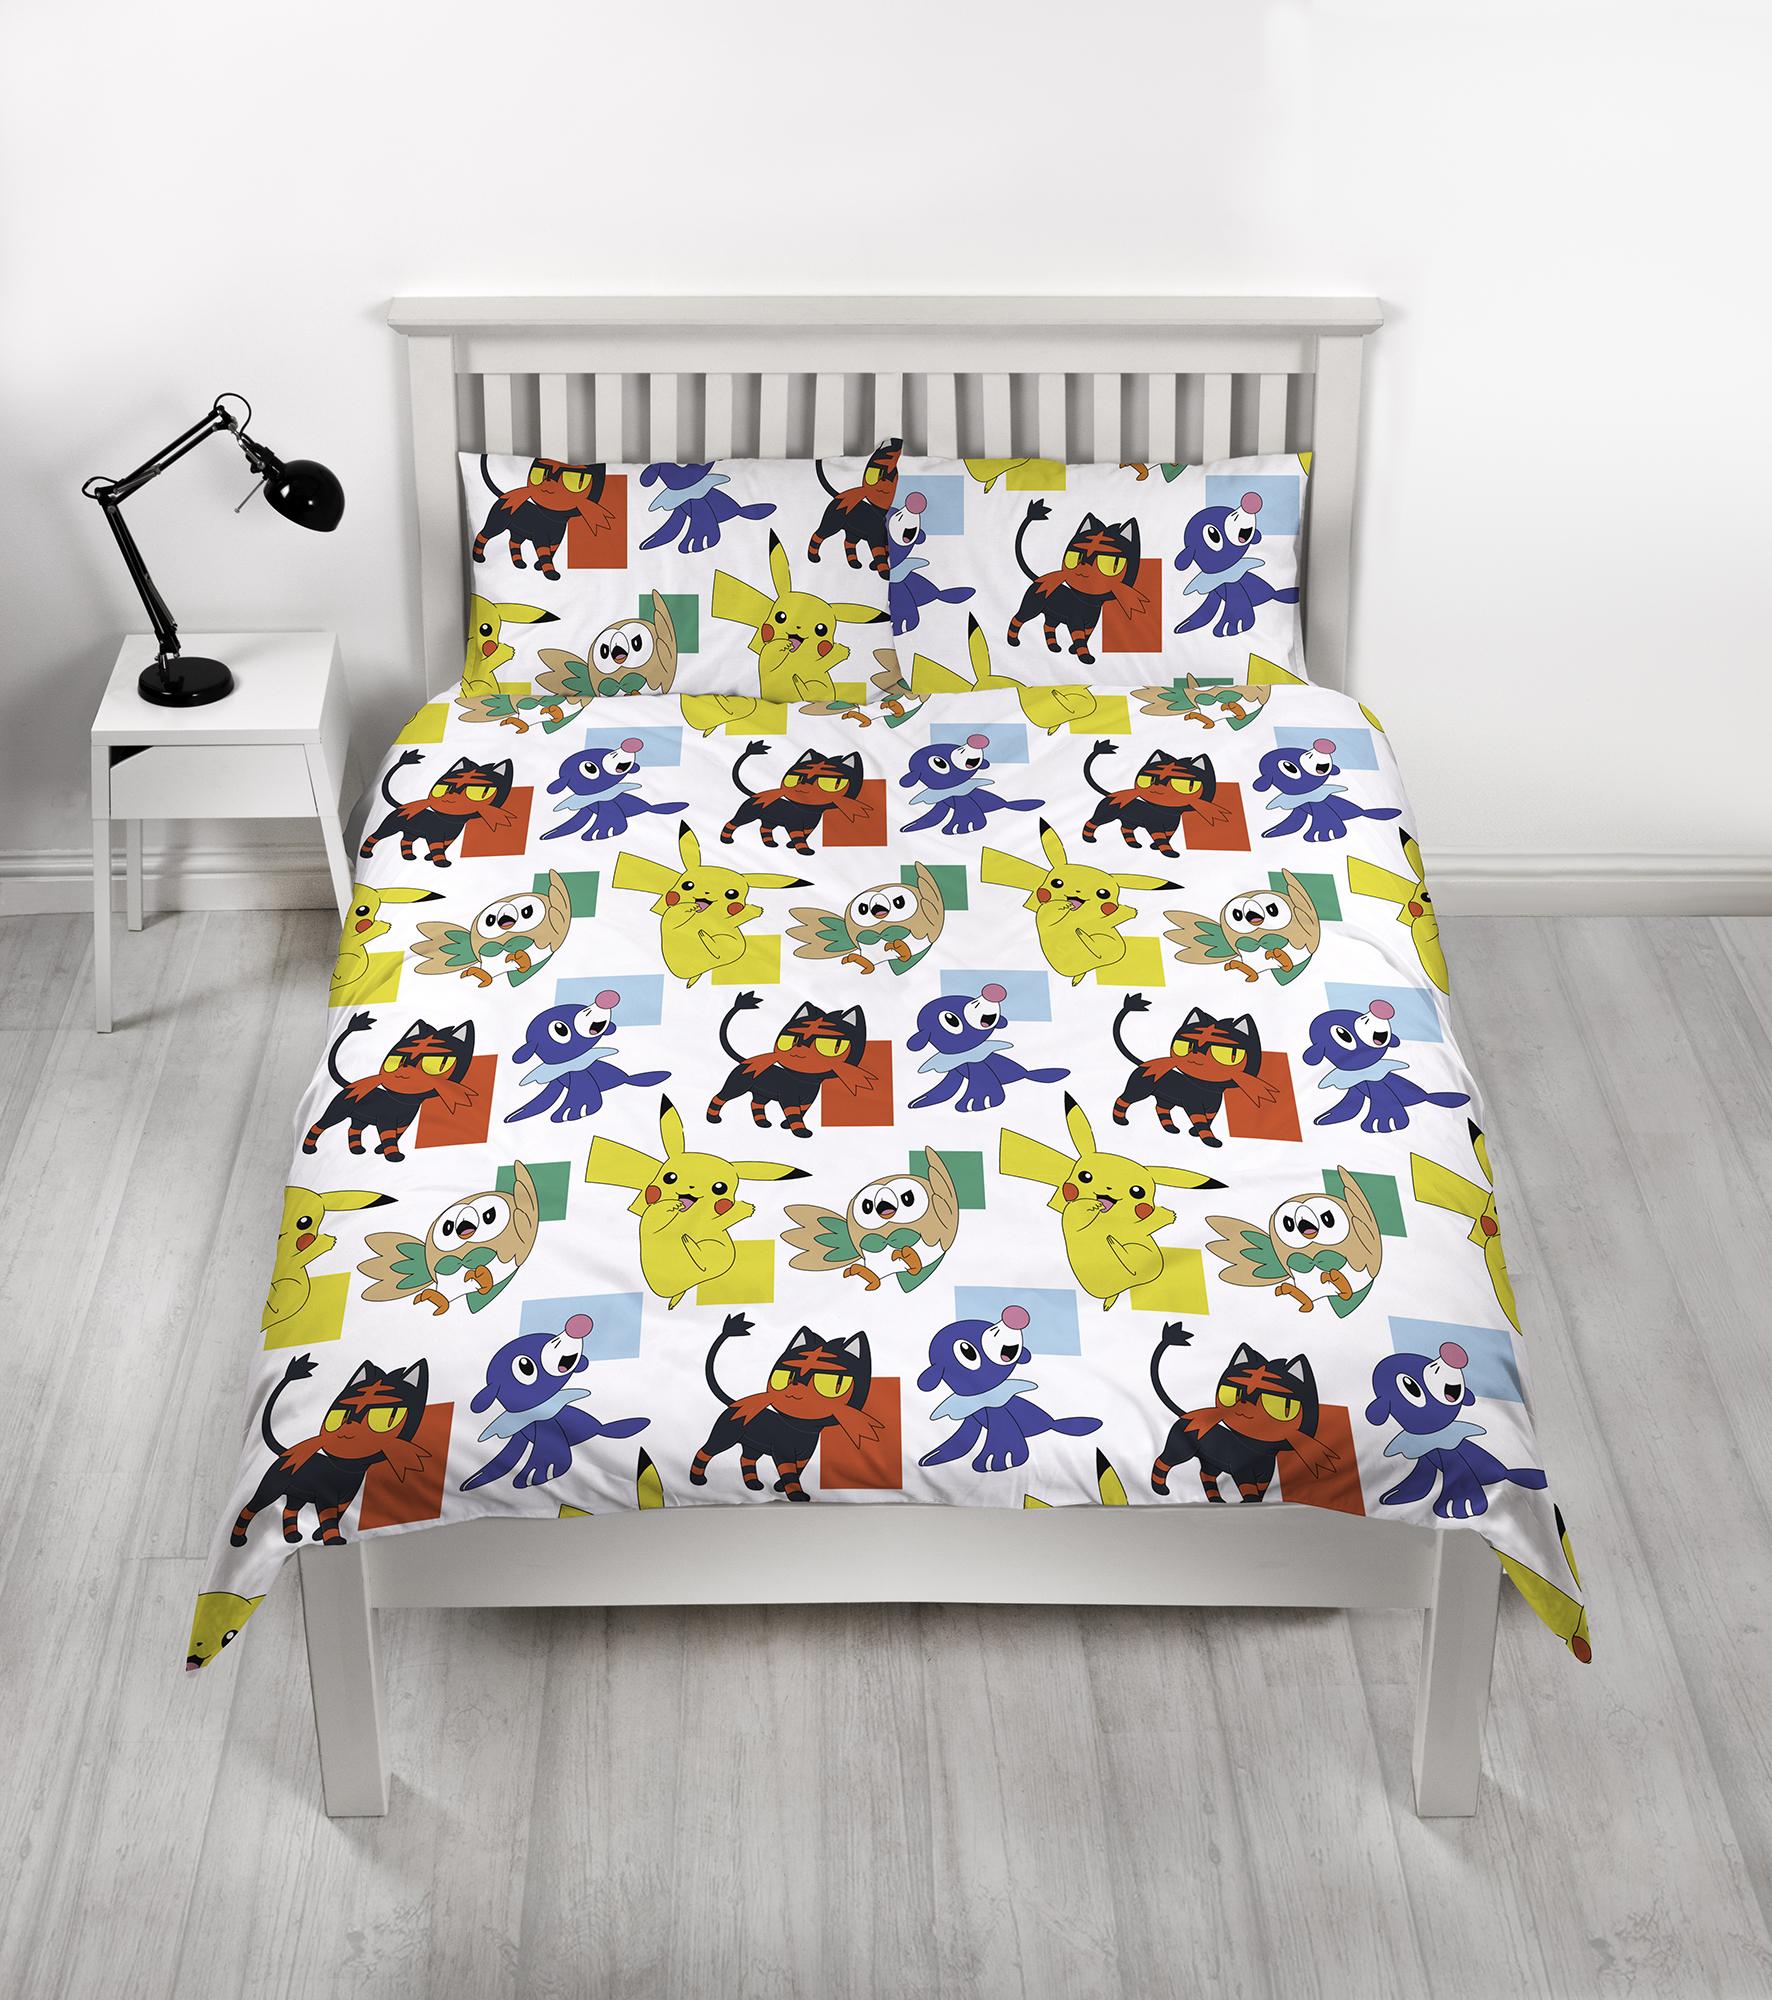 New Pokemon Double Duvet Quilt Cover Bedding Set Girls